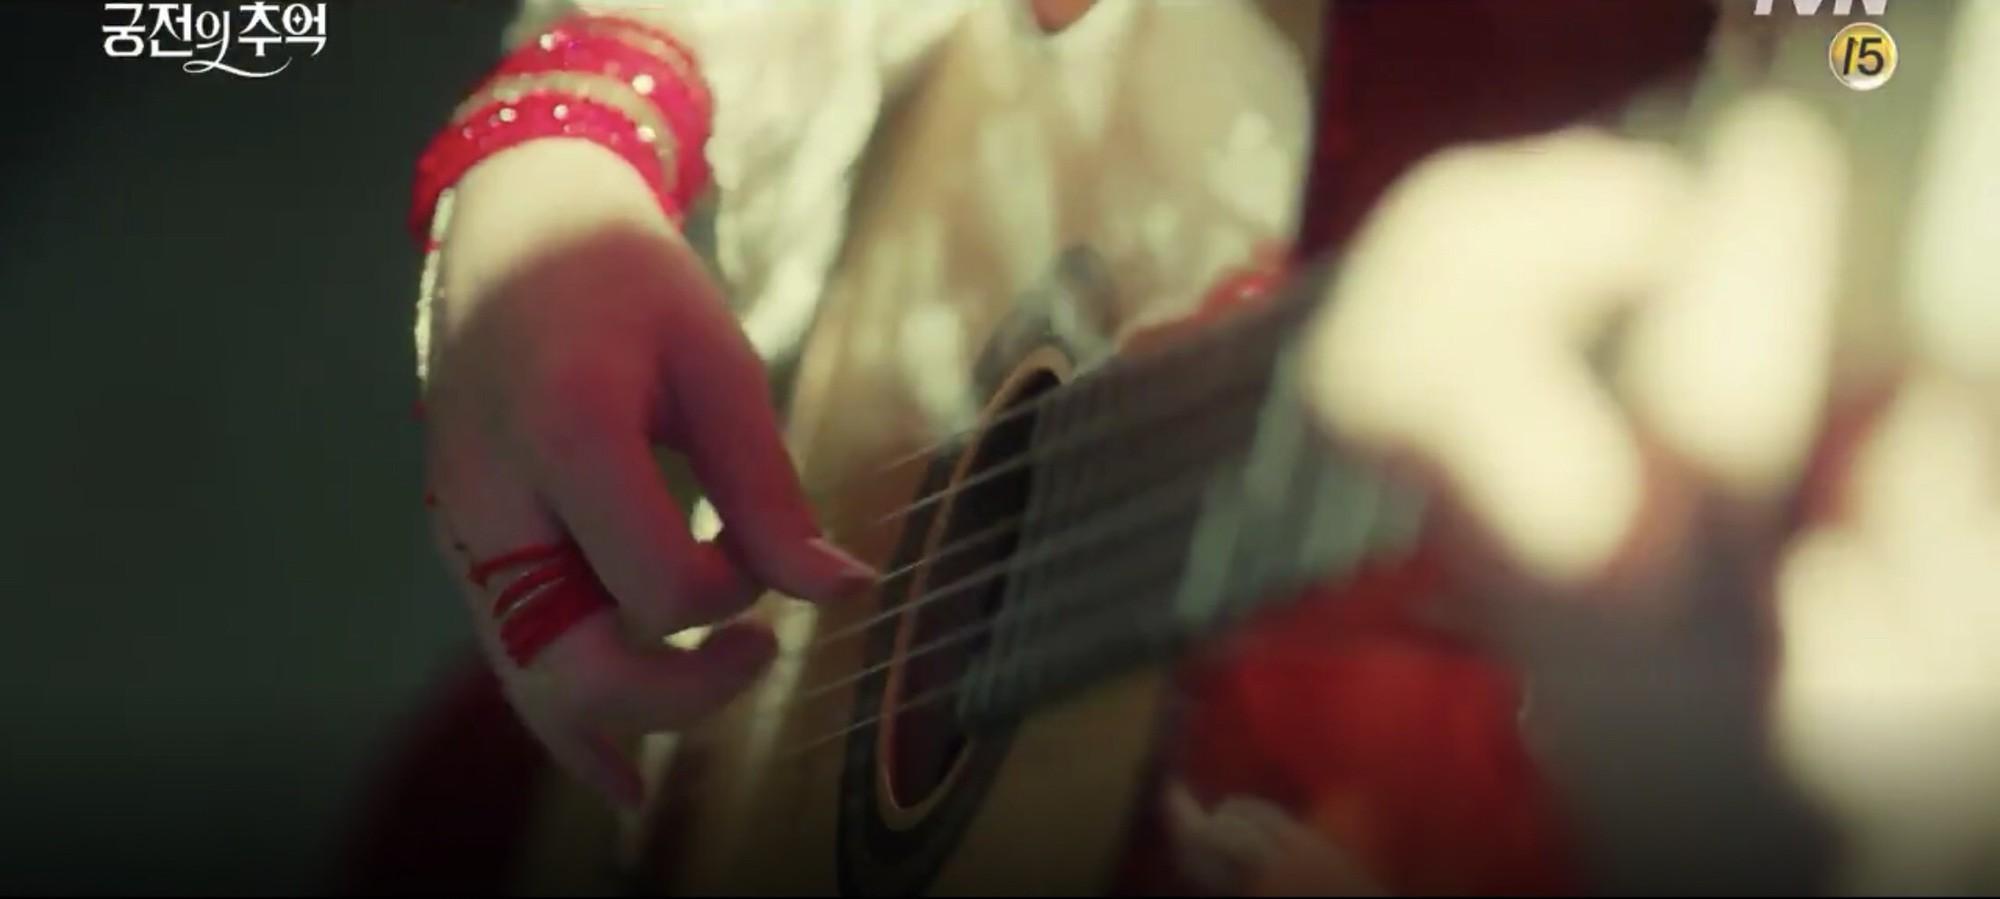 Park Shin Hye trùm khăn đỏ huyền bí trong teaser Memories of the Alhambra vừa tung nóng hổi - Ảnh 14.